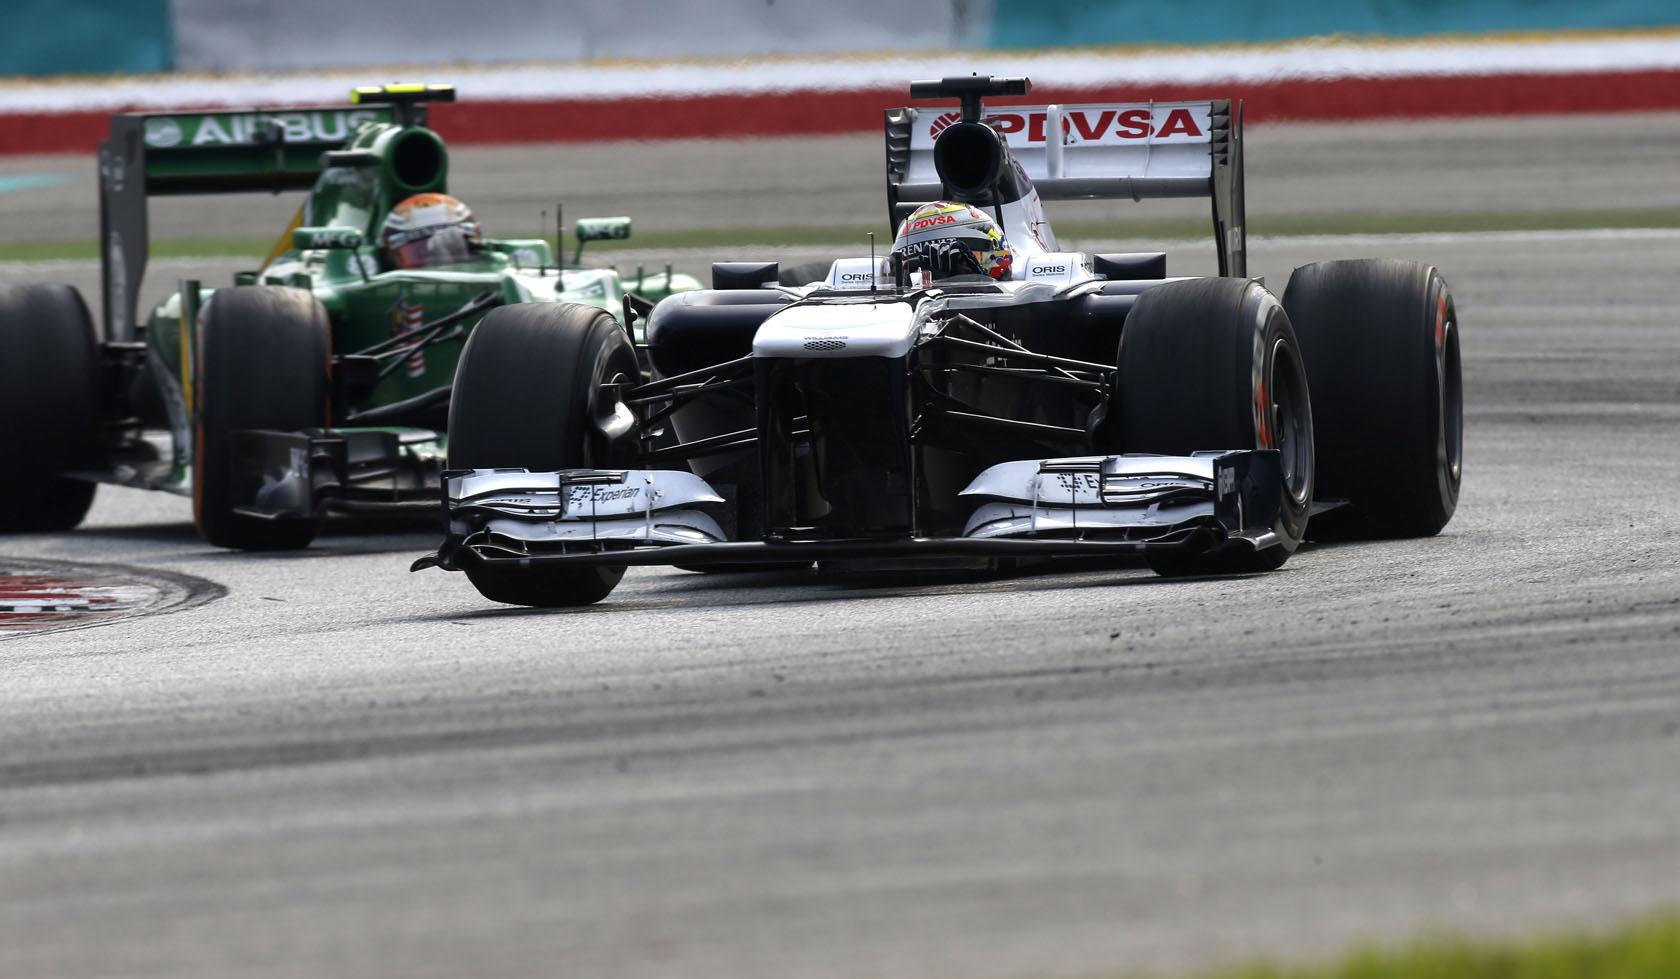 Maldonado barátságos srác, és majd a Lotus kezelésbe veszi egy kicsit